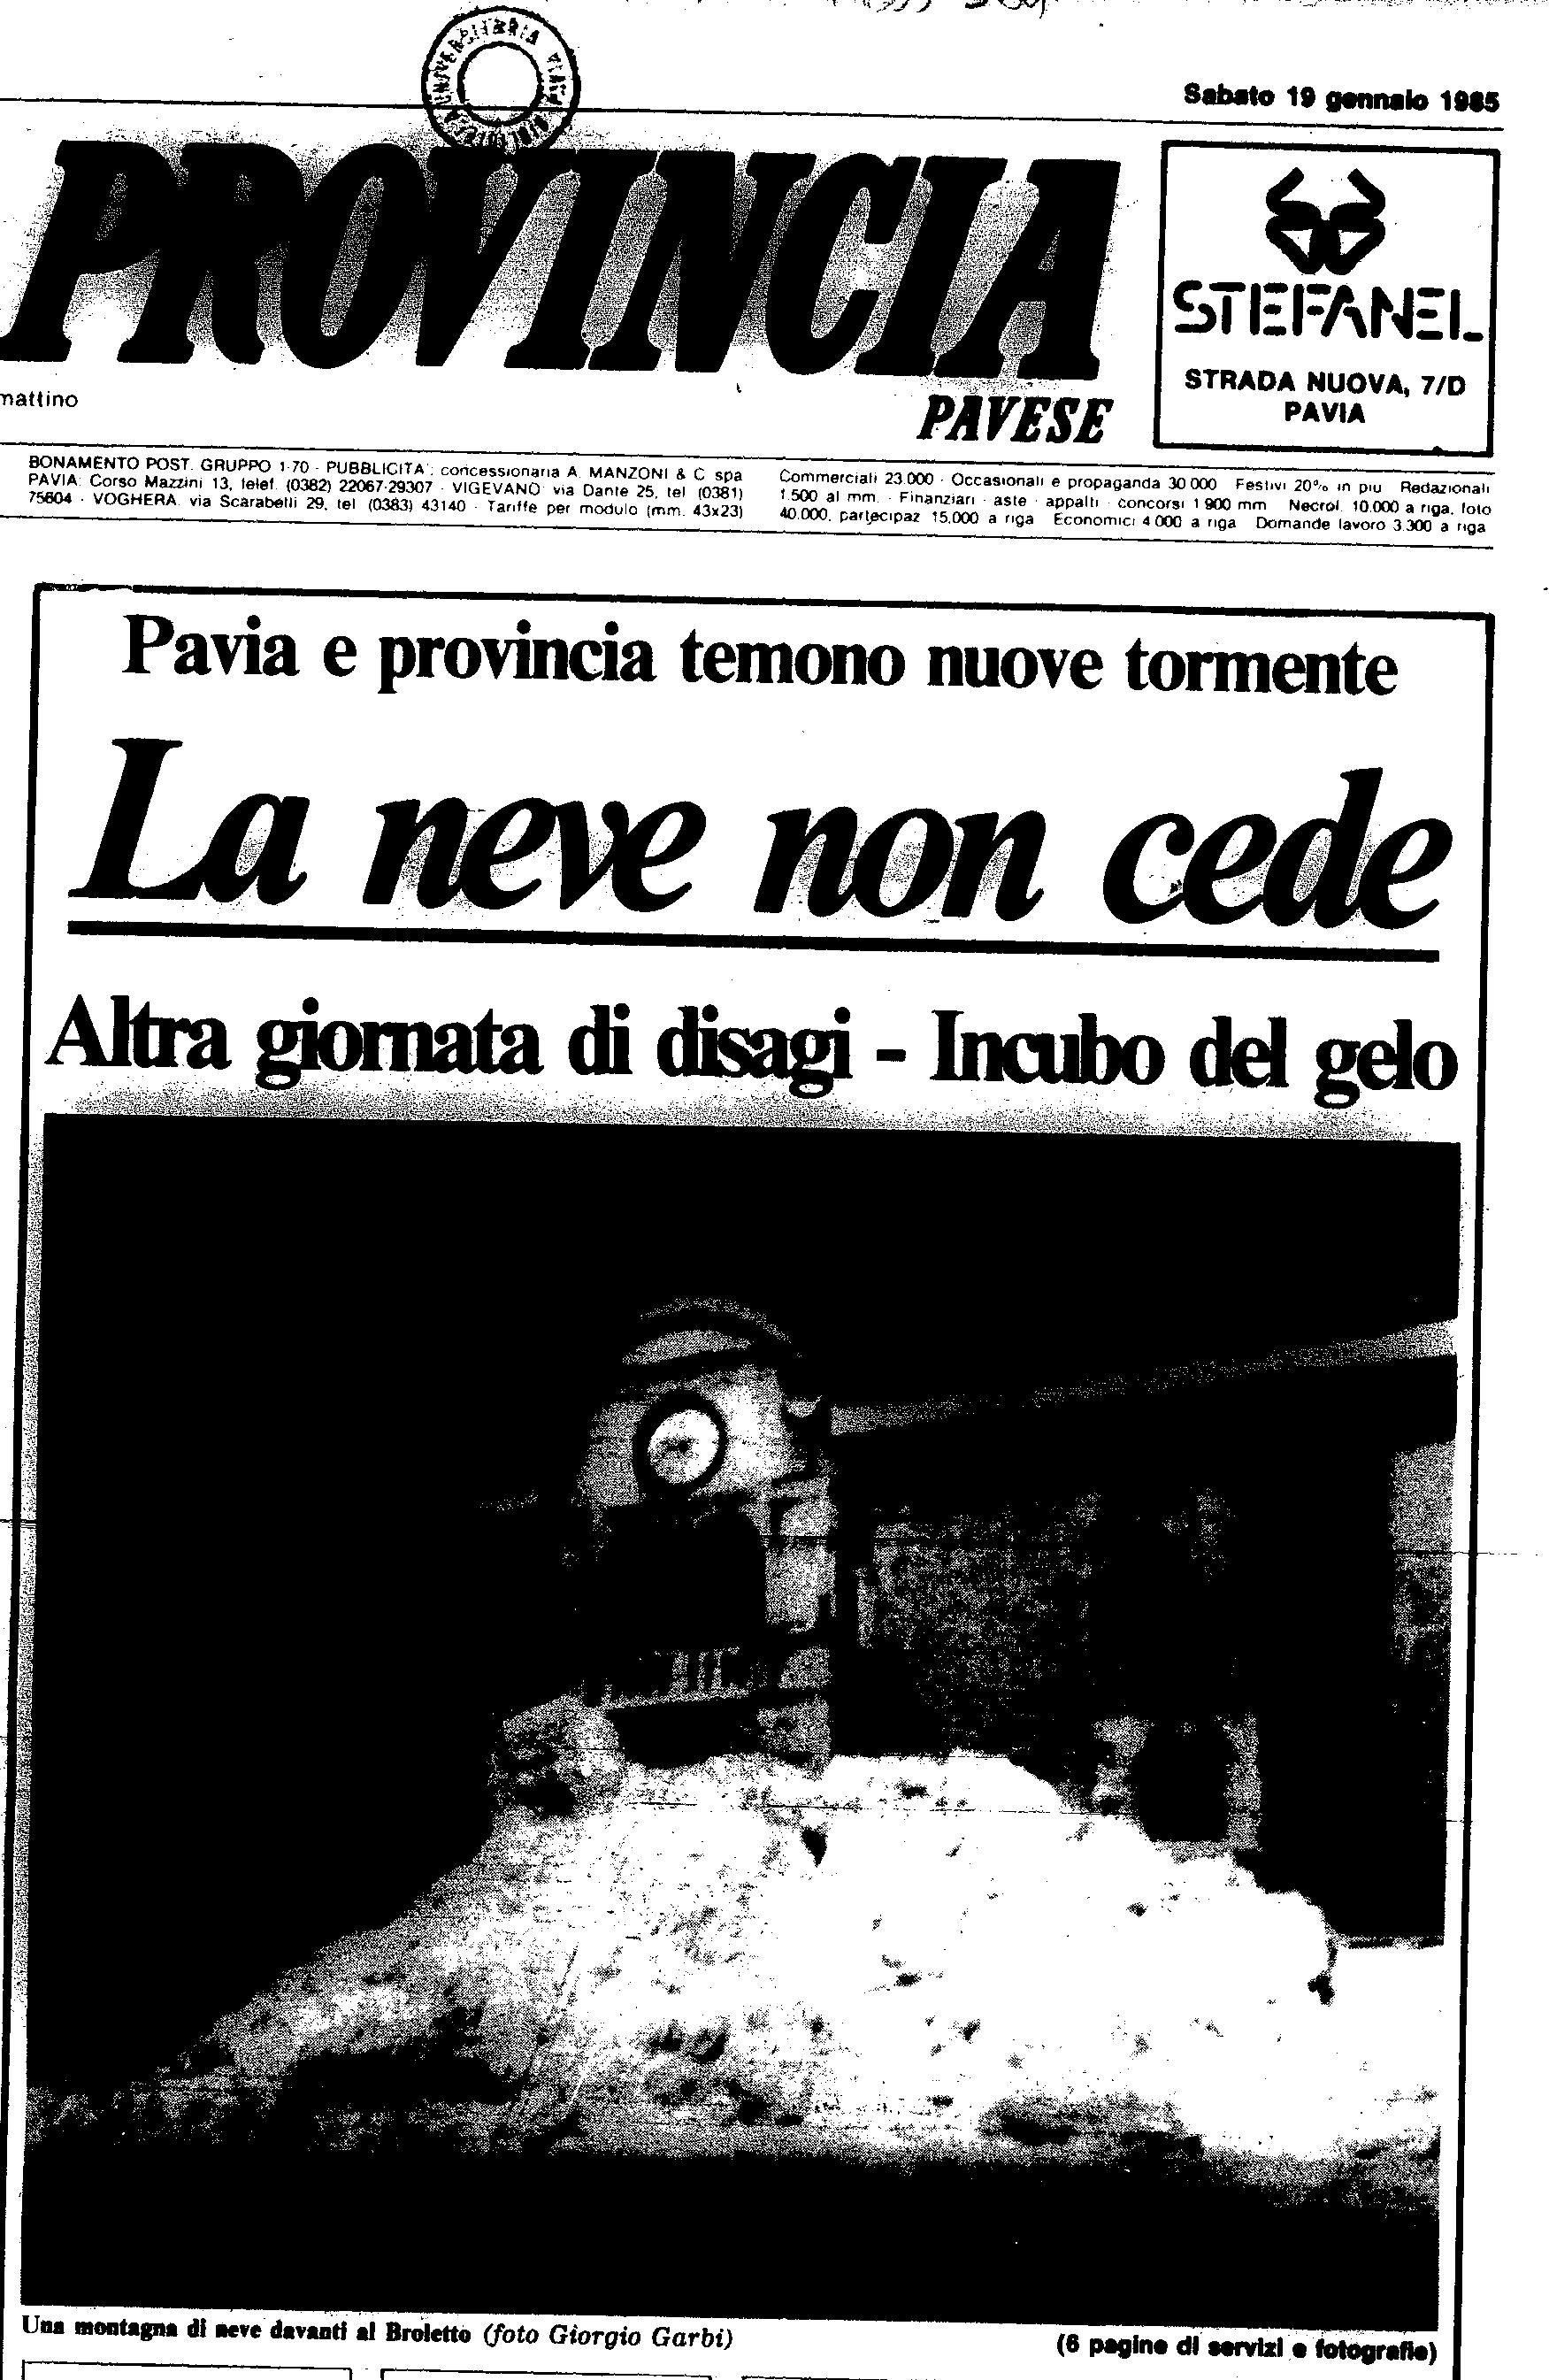 19 gennaio 1985